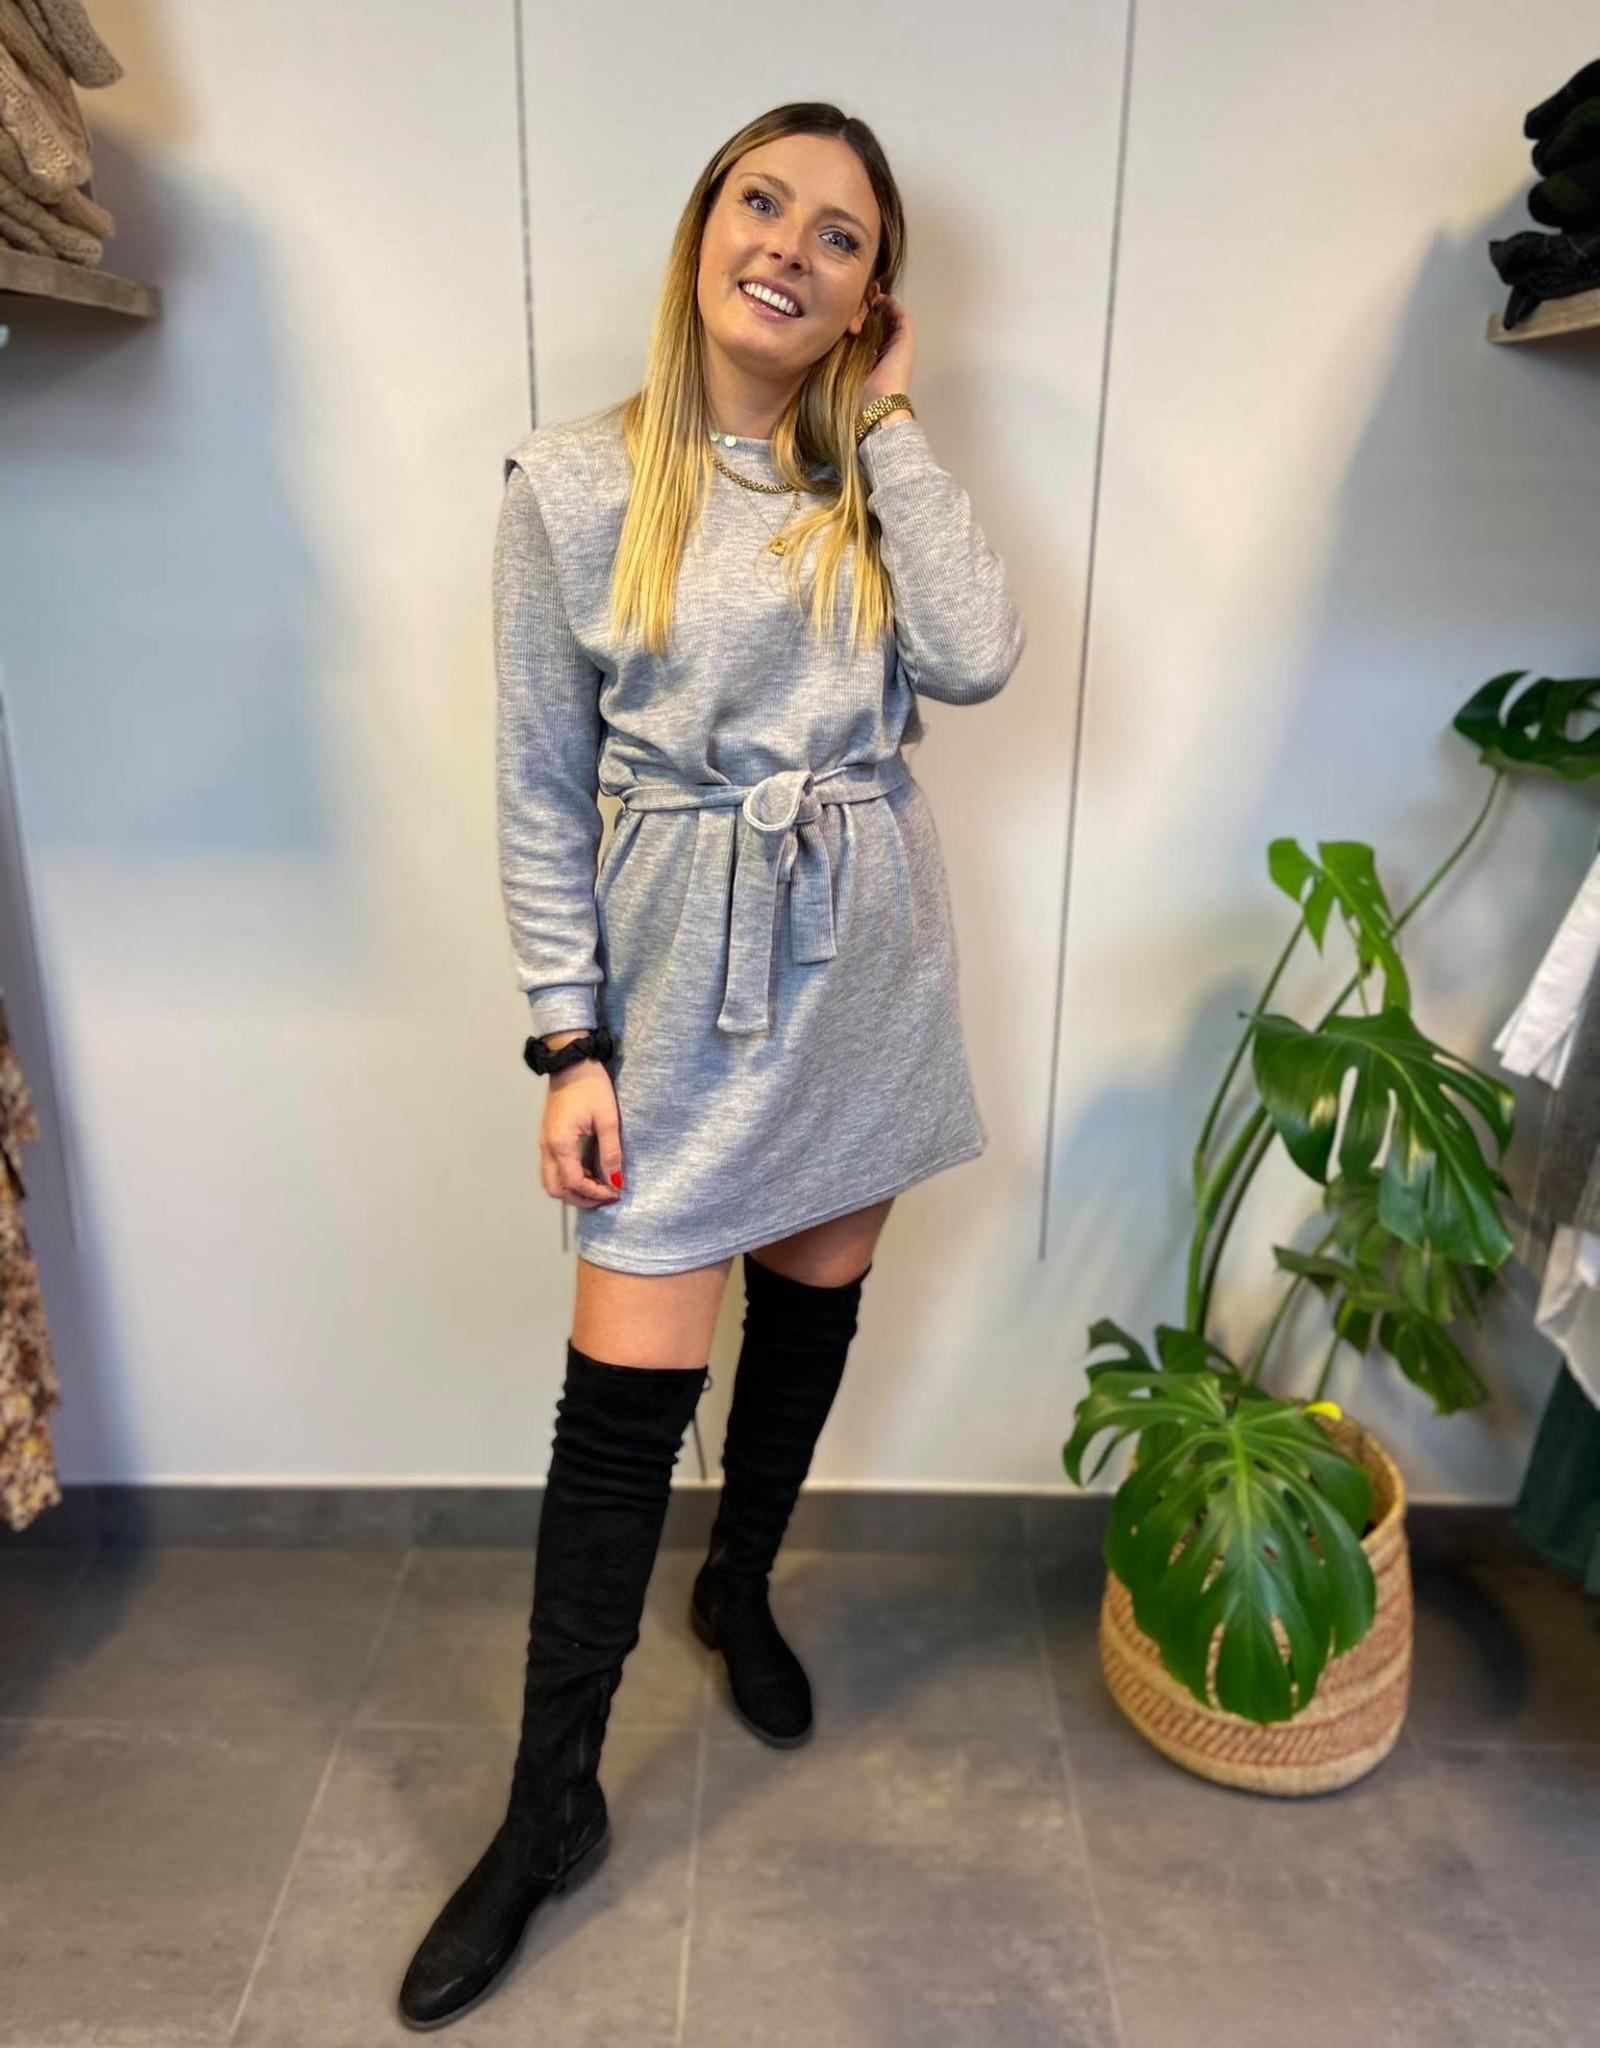 Cute gray dress